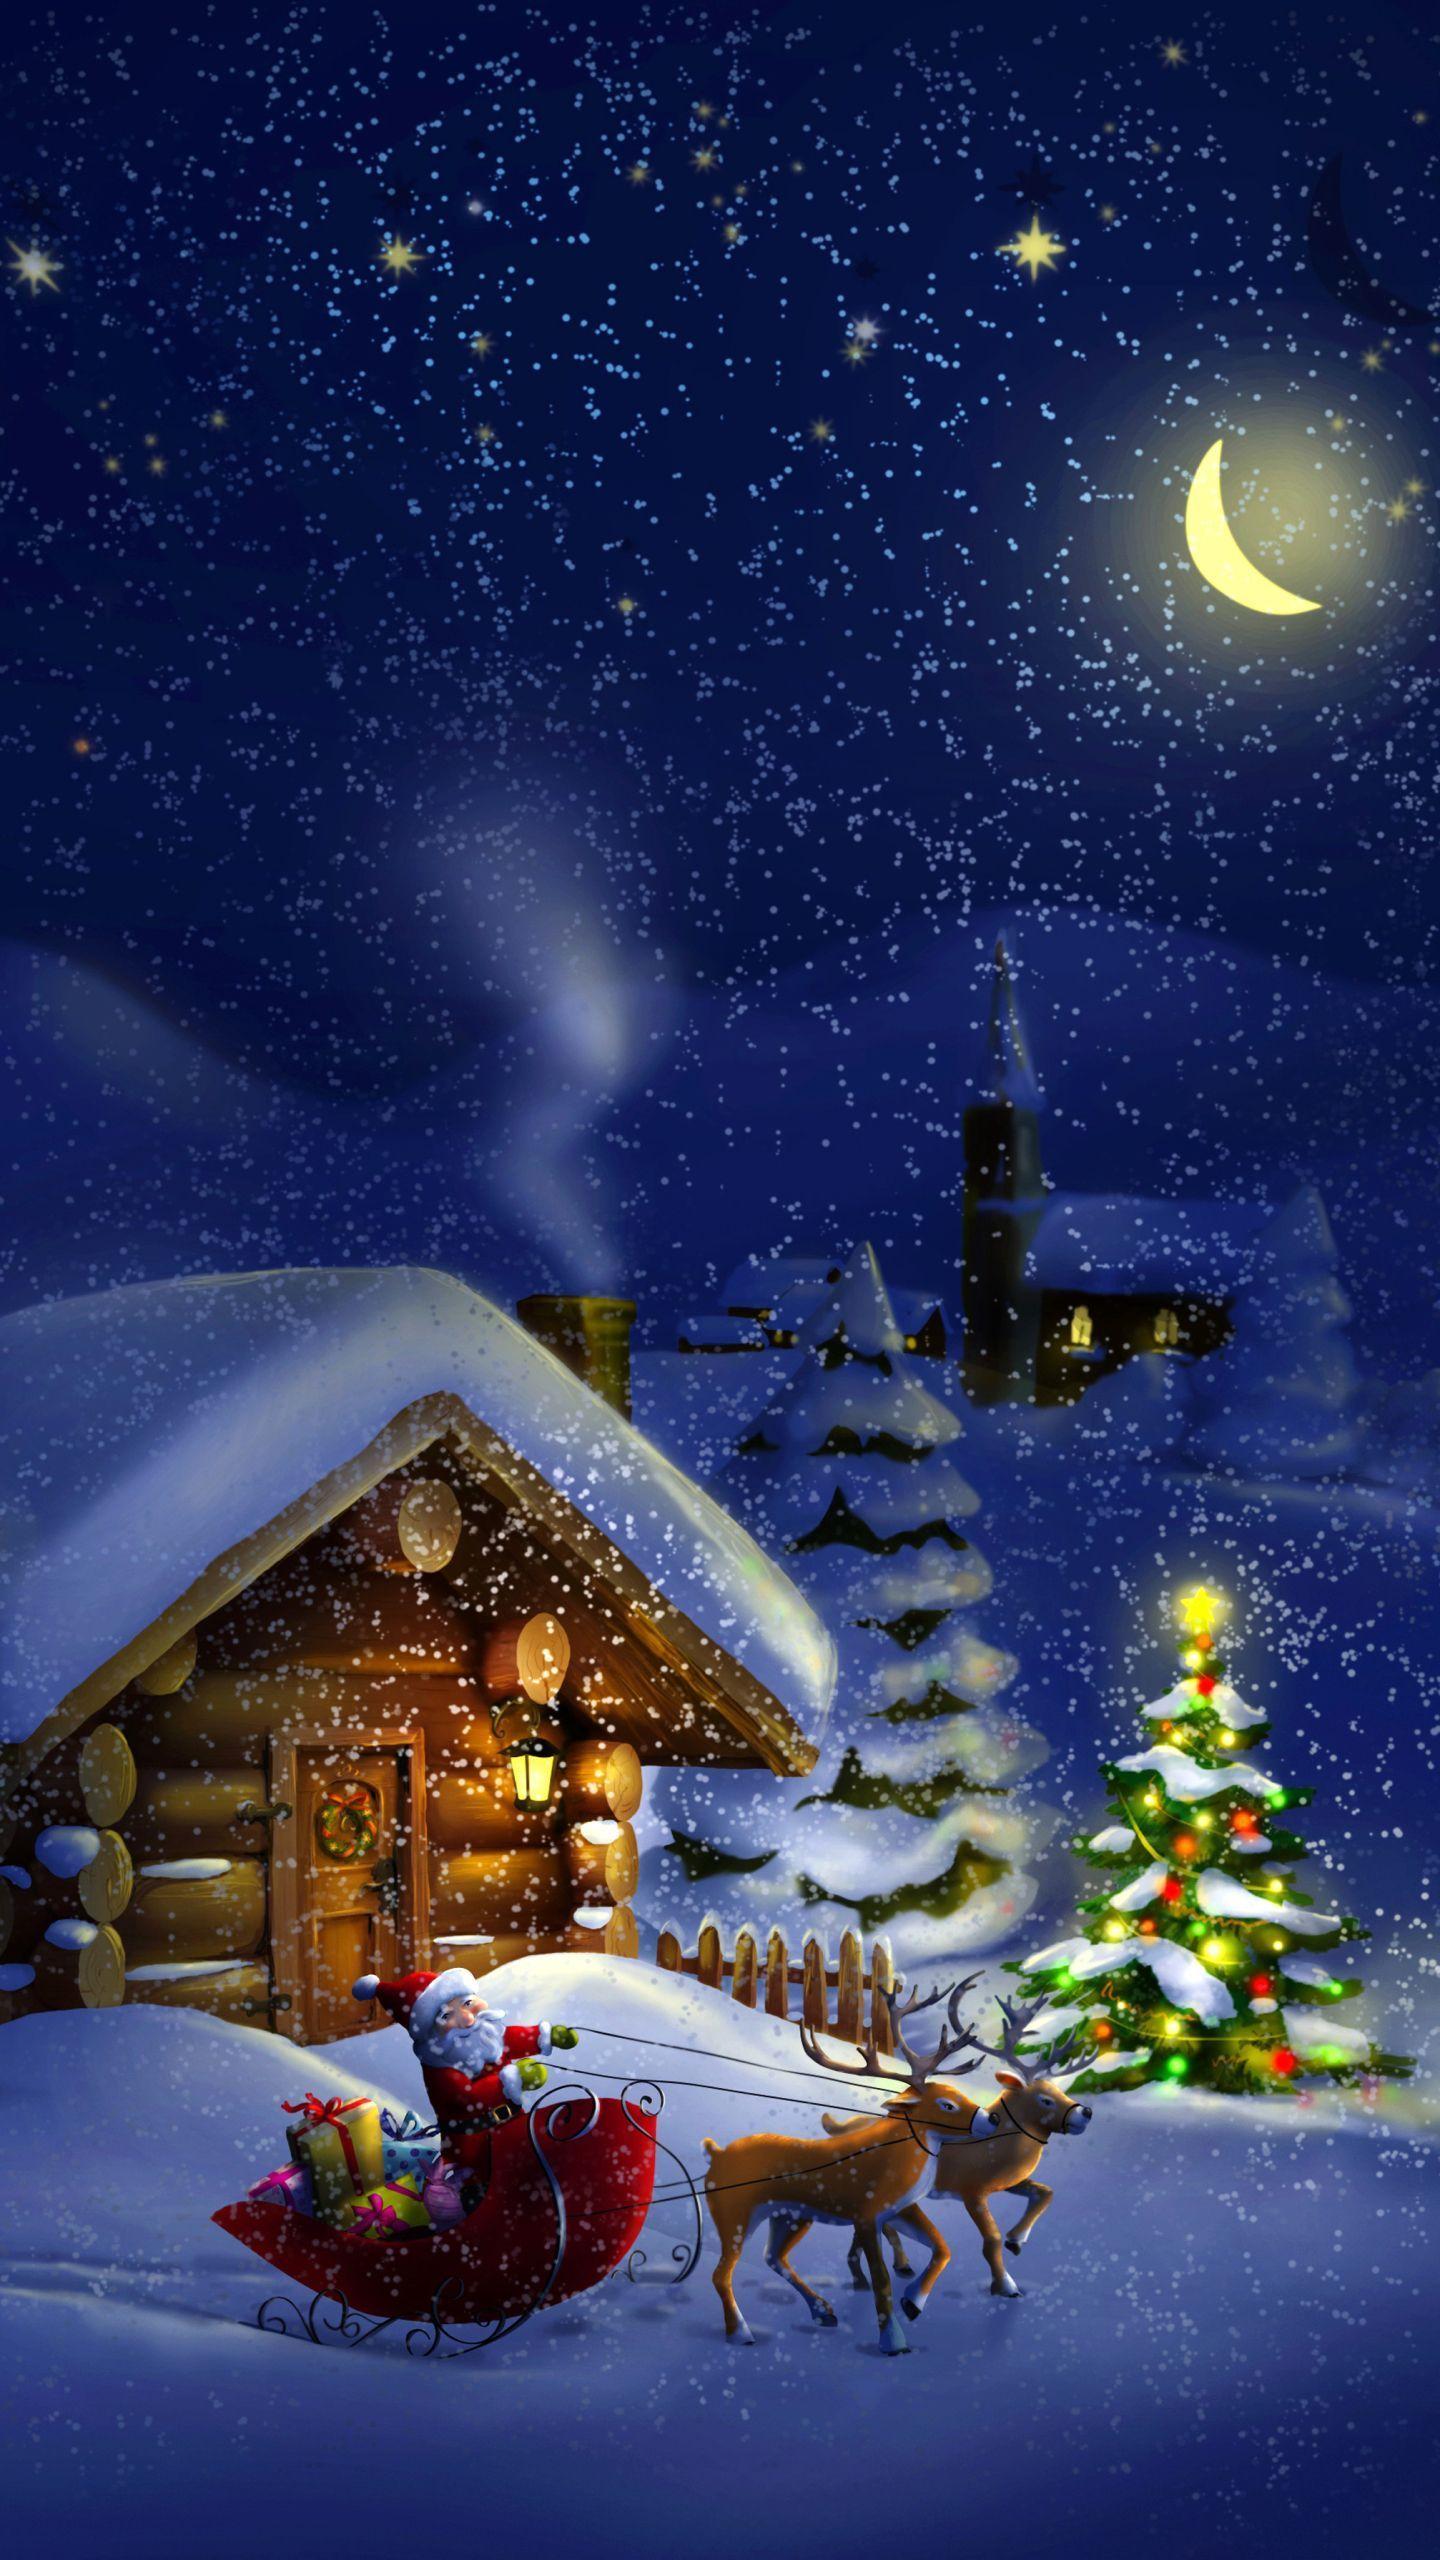 Nightmare Before Christmas 3d Christmass 2020 holiday fondos Weihnachten Wallpaper 1440x2560 | 3D Hintergrnde